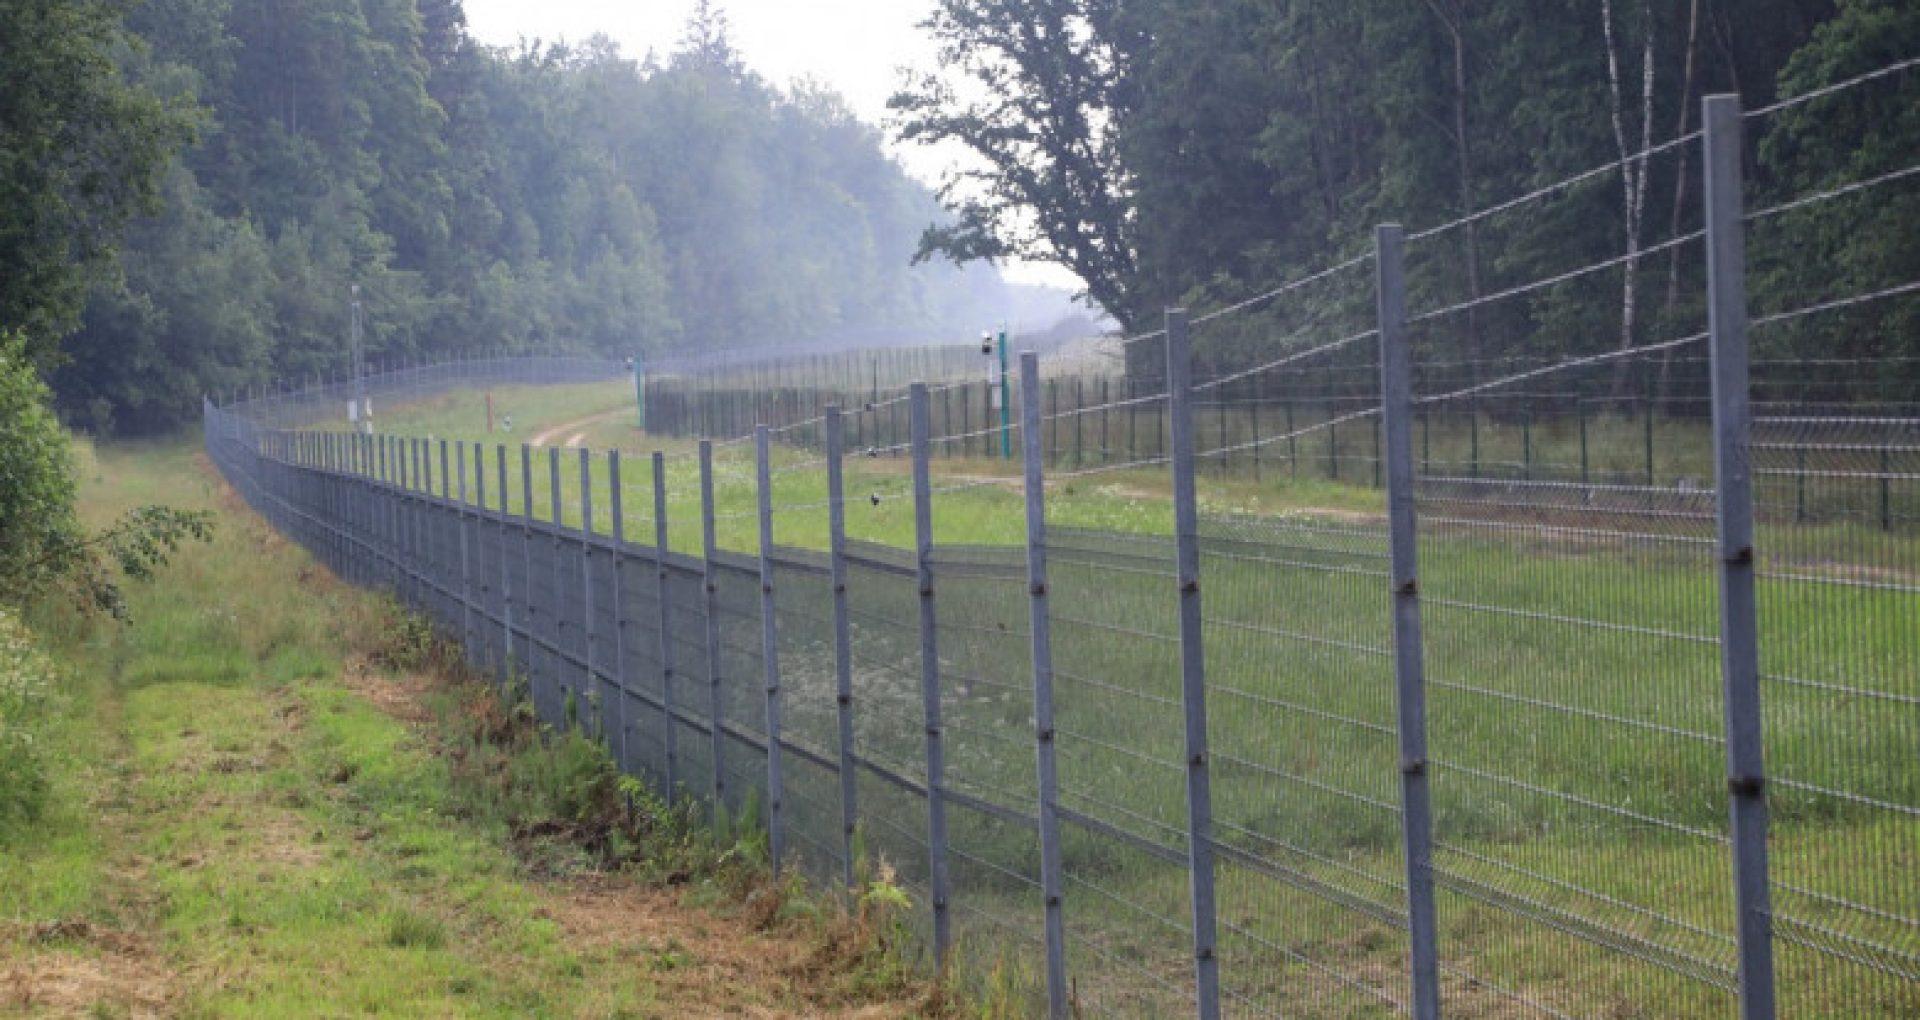 Estonia va trimite 100 km de sârmă ghimpată în Lituania pentru zidul de la granița cu Belarus